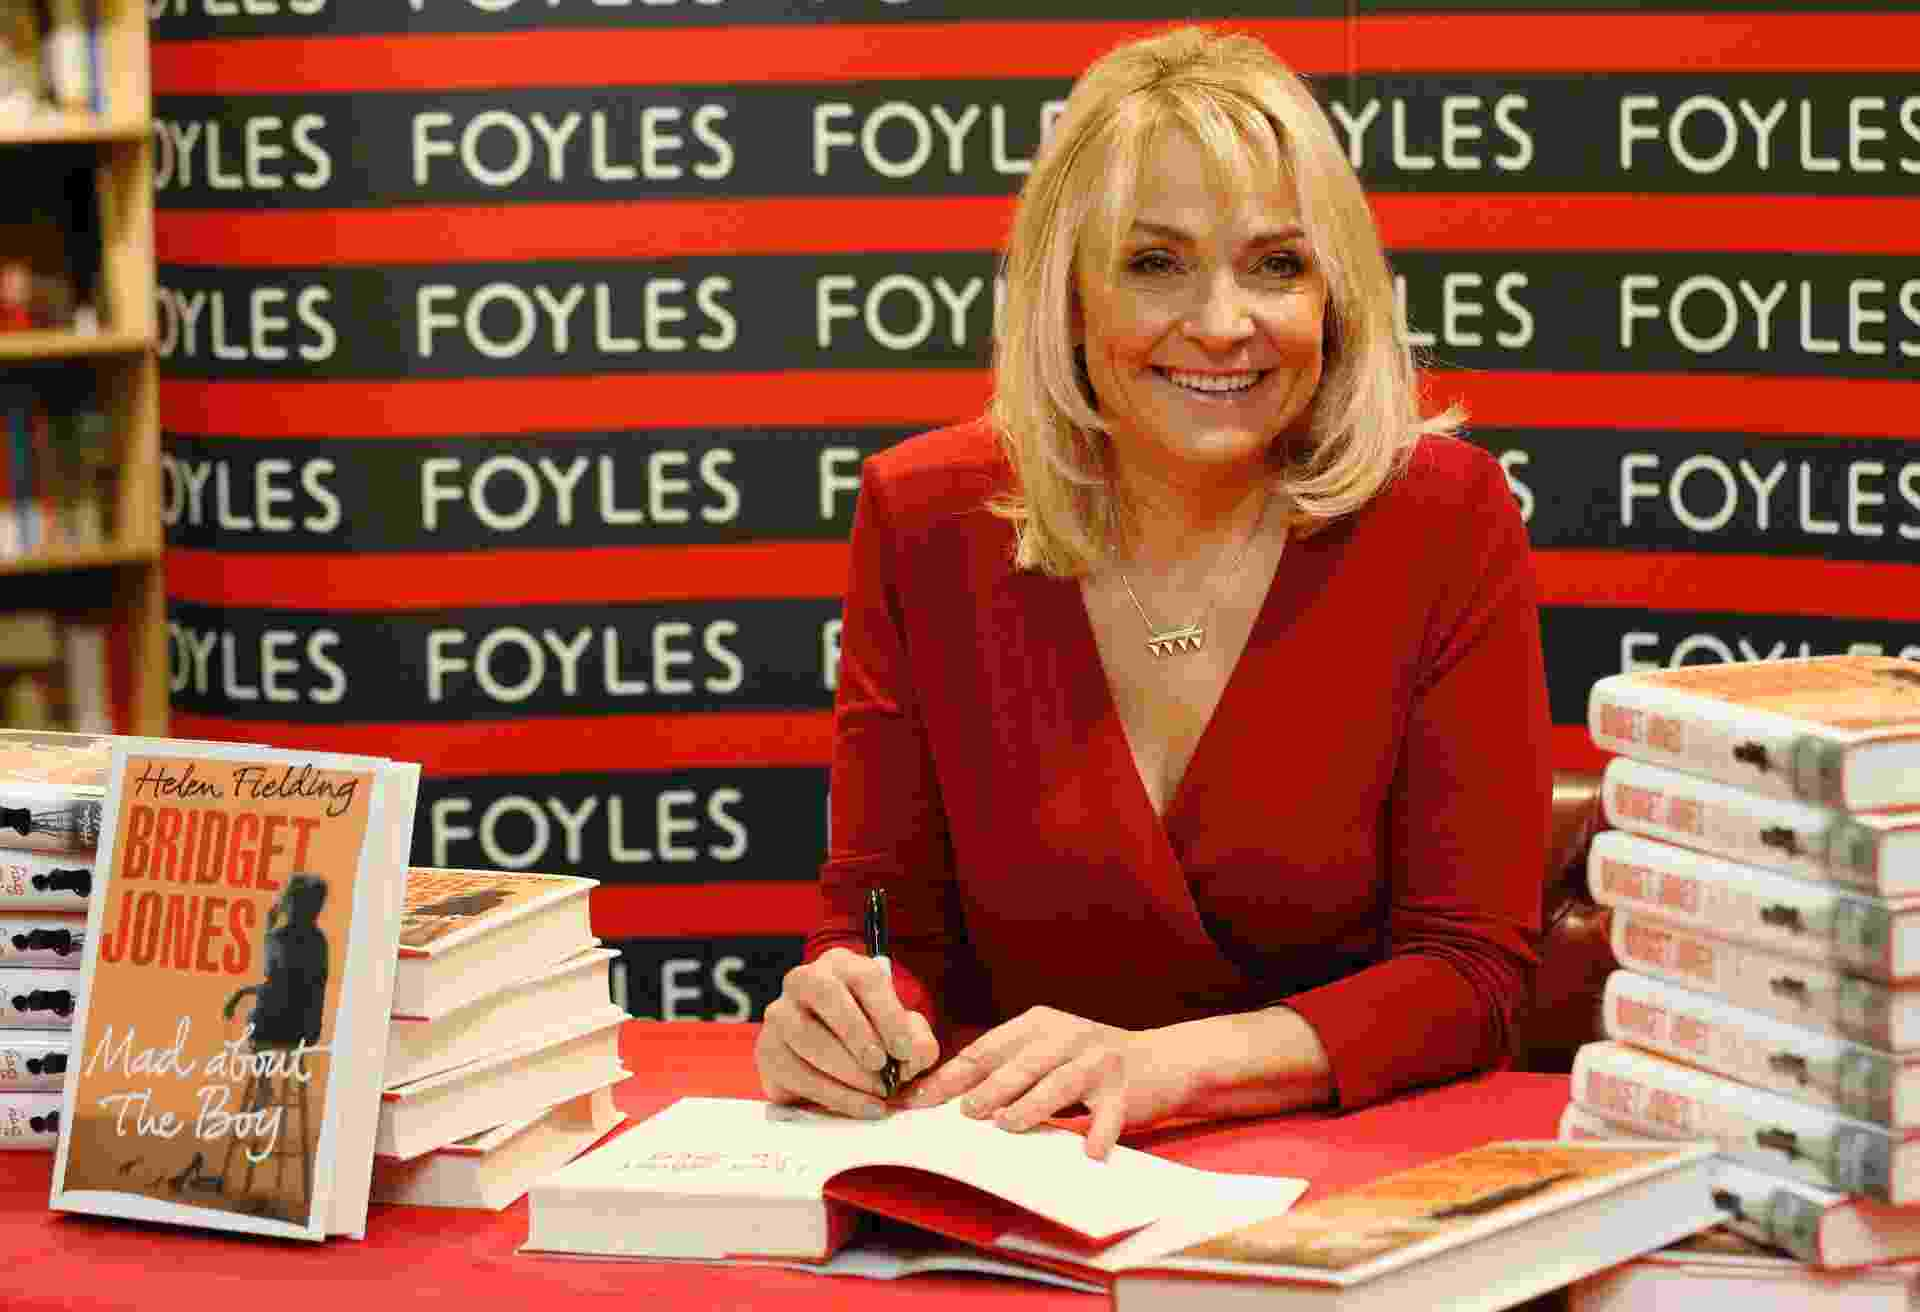 """10.out.2013 - A autora Helen Fielding atende os fãs durante sessão de autógrafos de seu novo livro, """"Bridget Jones: Louca pelo Garoto"""", em uma livraria no centro de Londres - REUTERS/Luke MacGregor"""